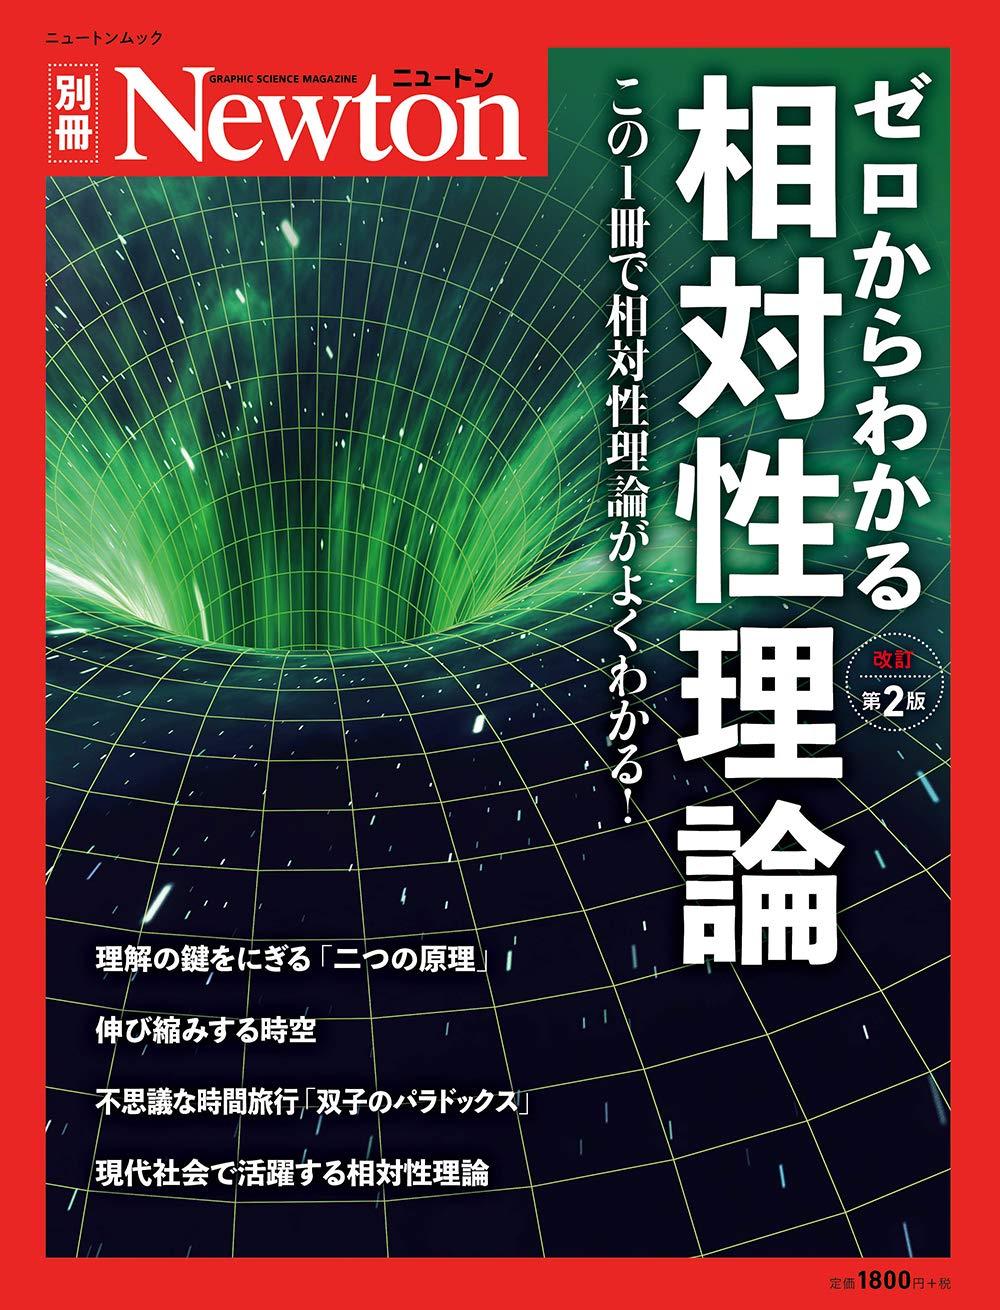 (2021)『ゼロからわかる相対性理論』(別冊 Newton)ニュートンプレス